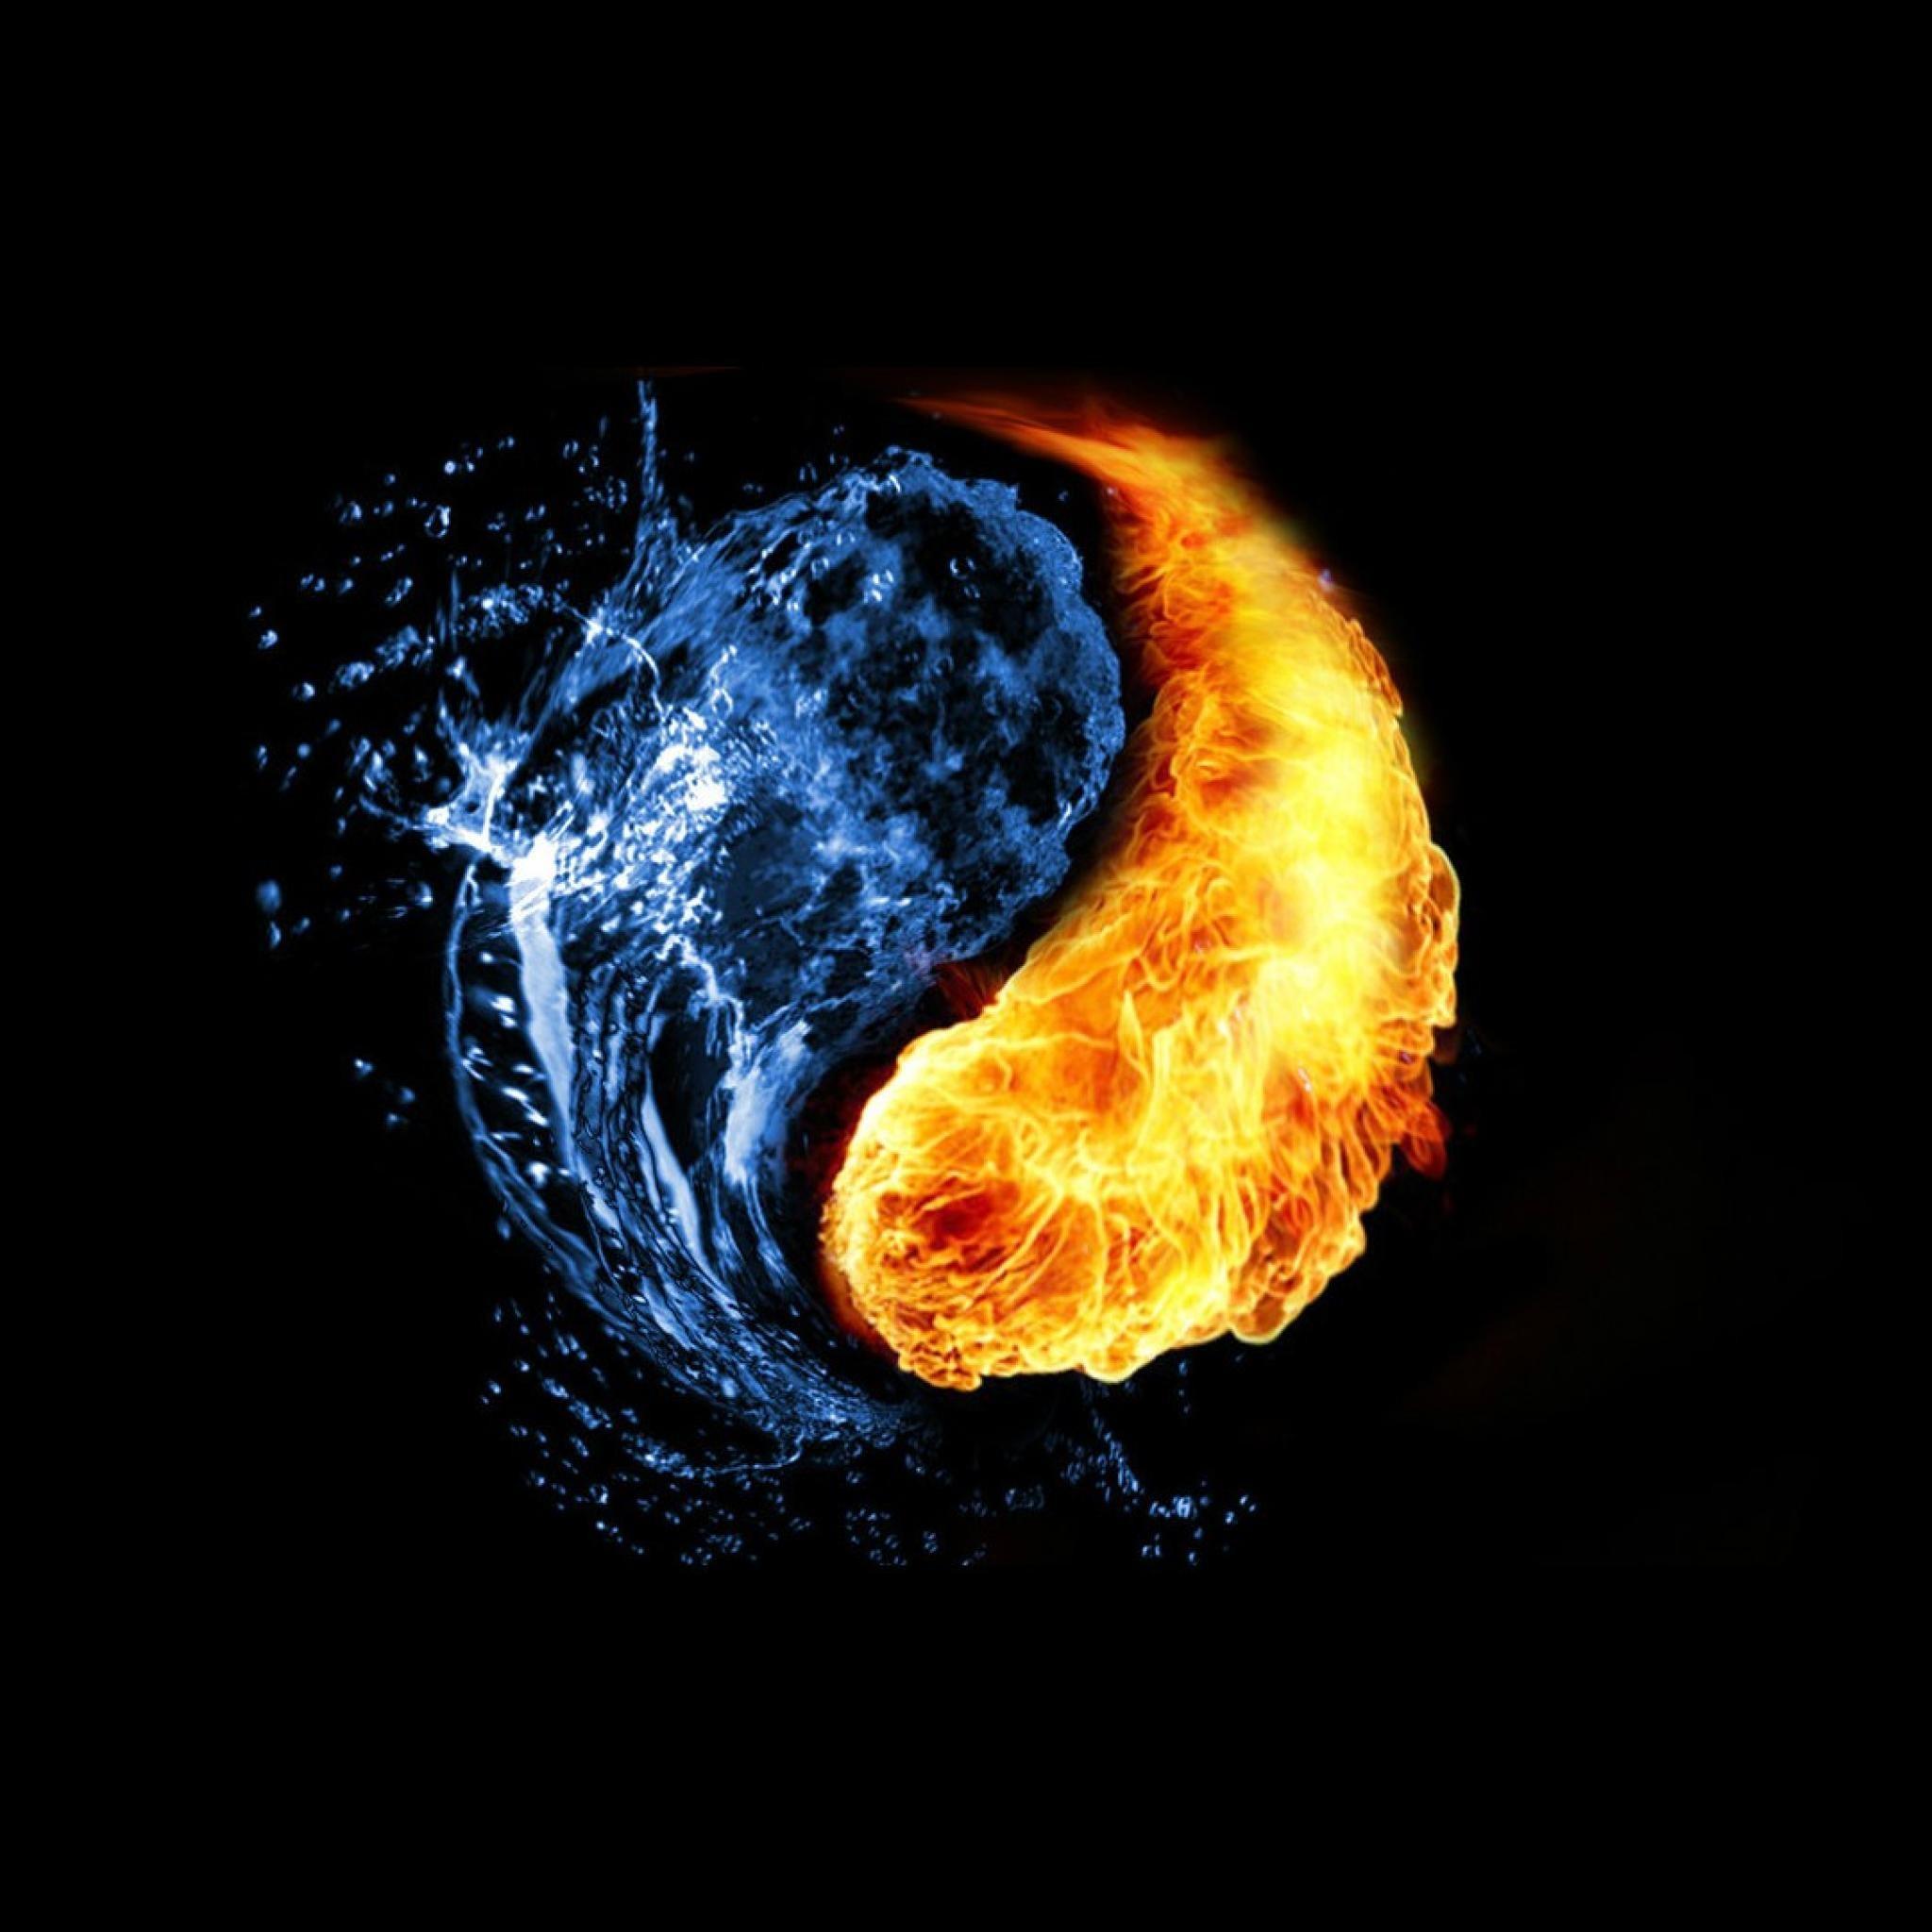 Yin-Yang-Water-Fire-HD-Wallpaper